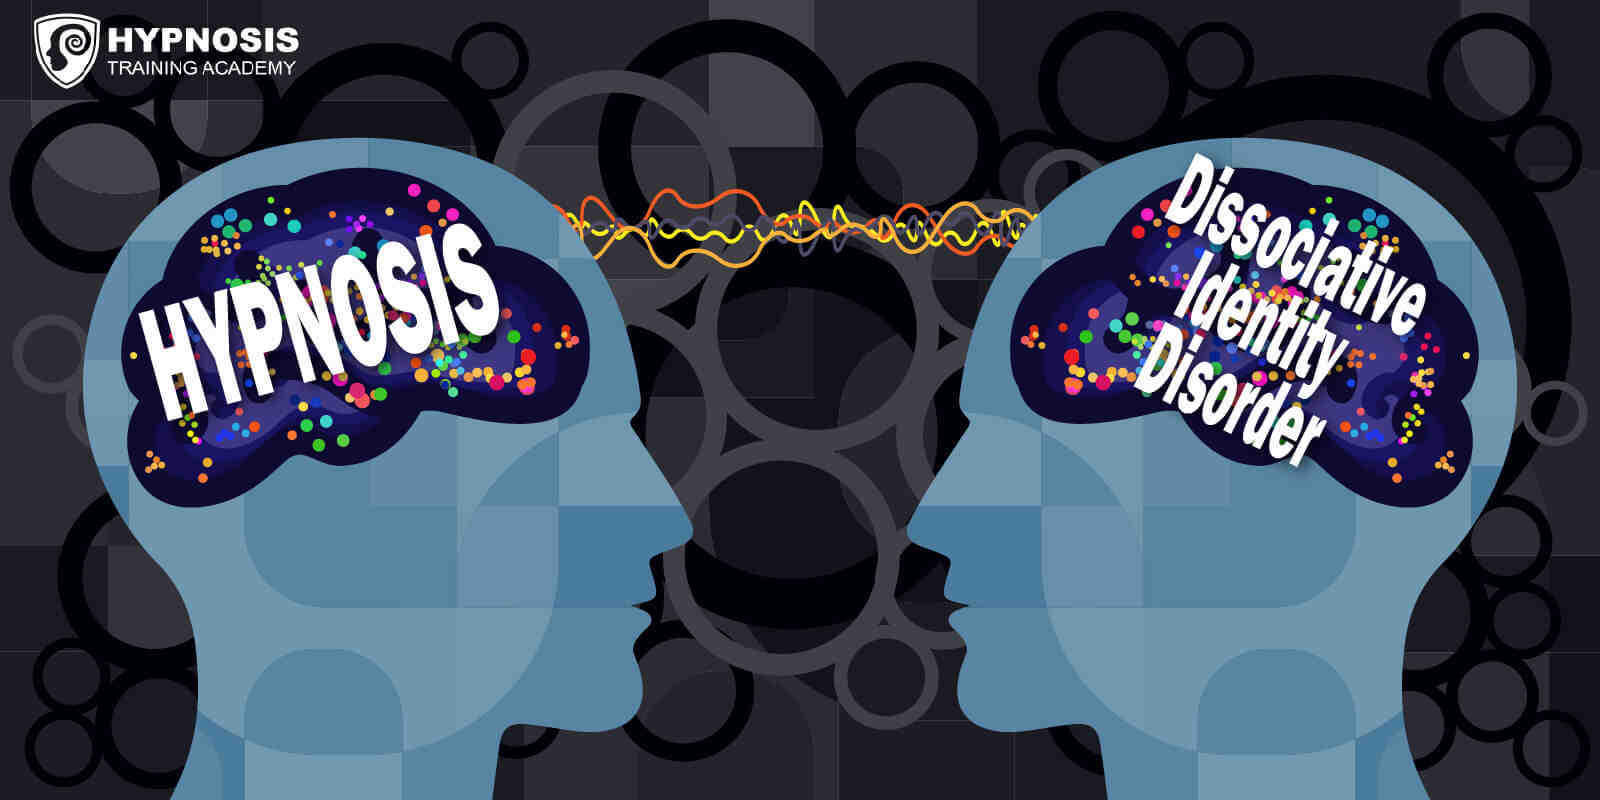 Hypnose et DID : ce que l'avenir nous réserve